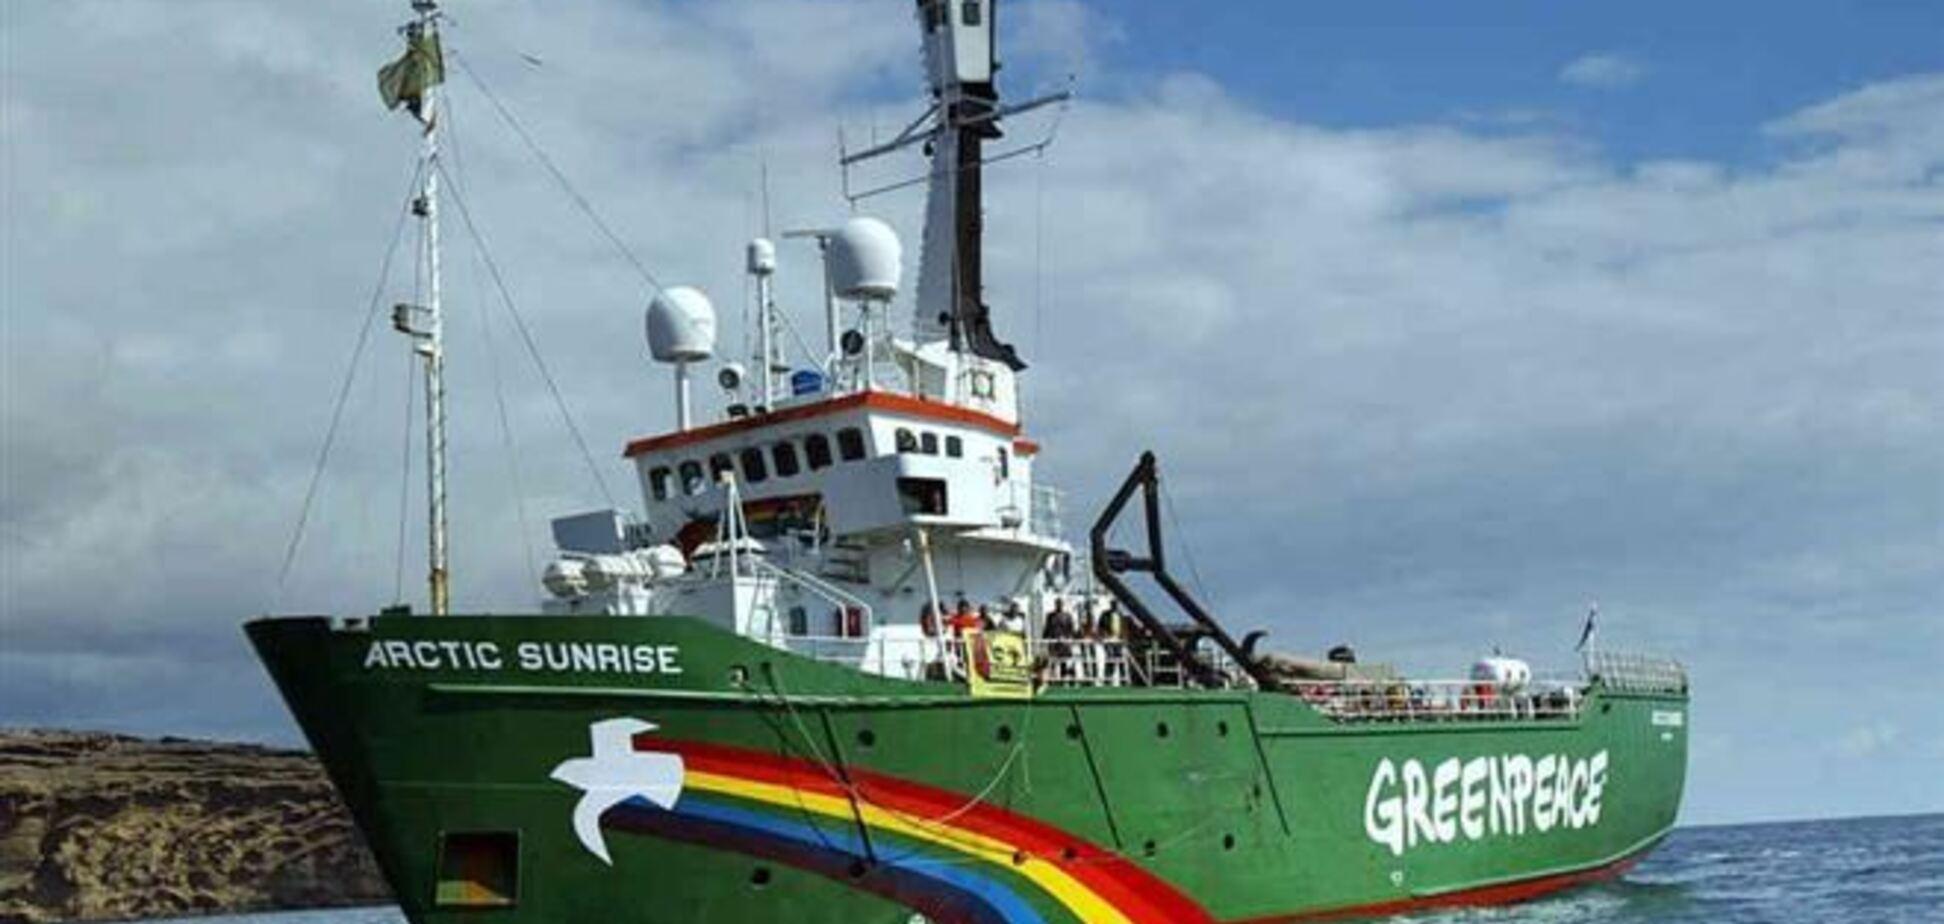 14 амністованих активістів Greenpeace отримали візи для виїзду з РФ